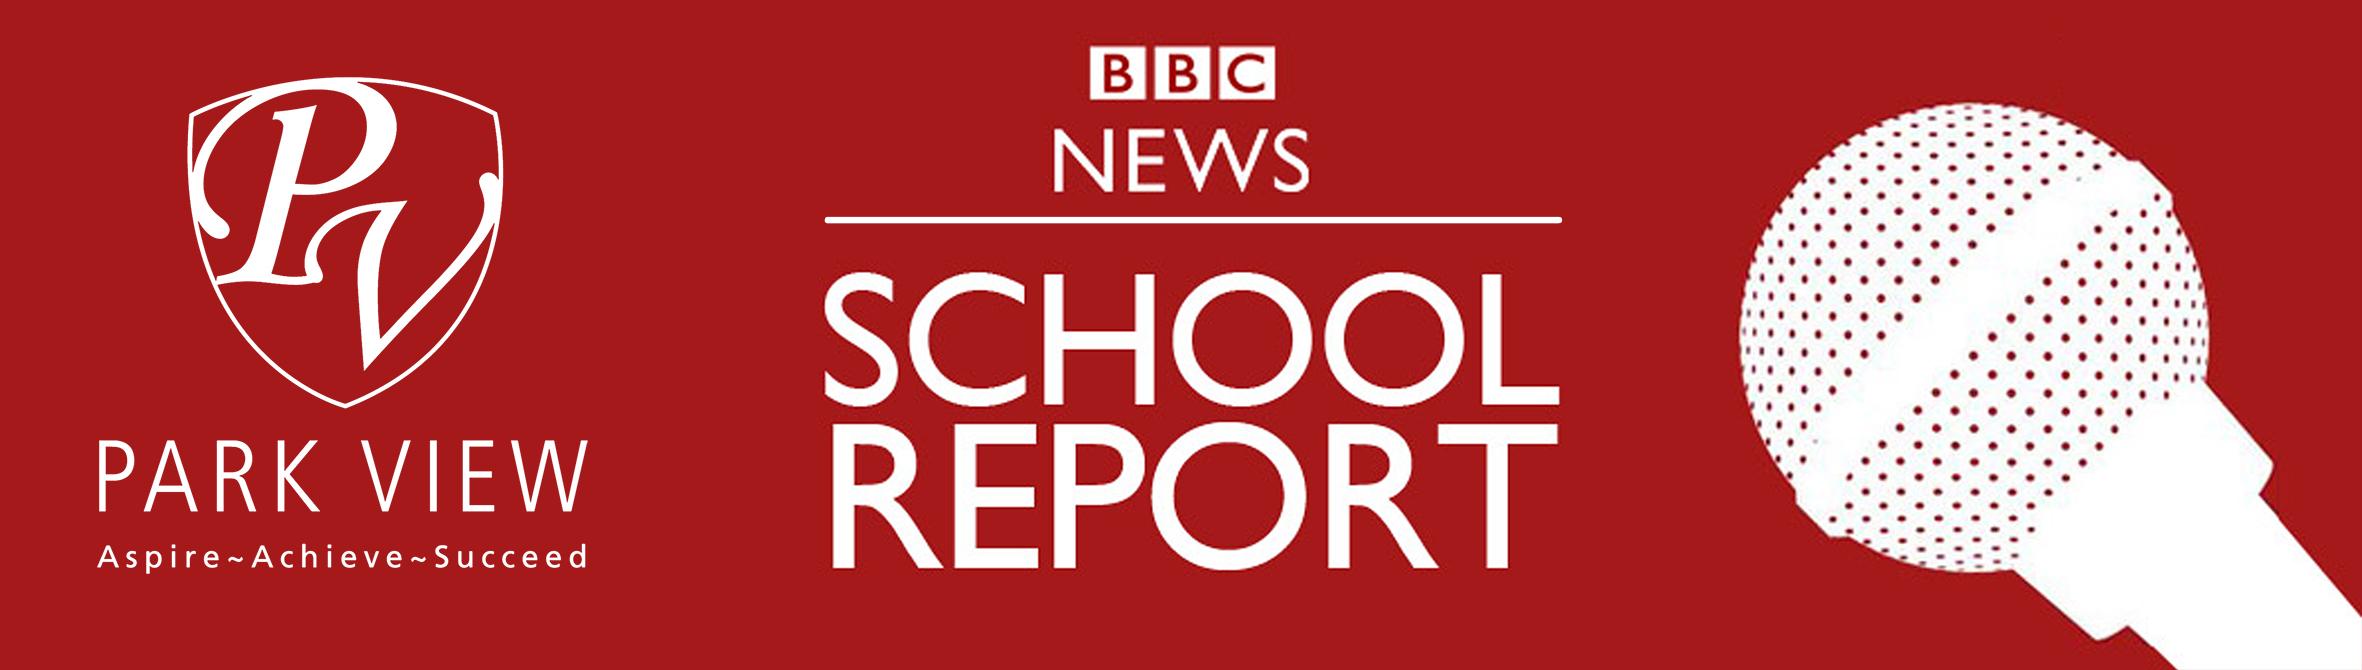 BBC News school Report- website